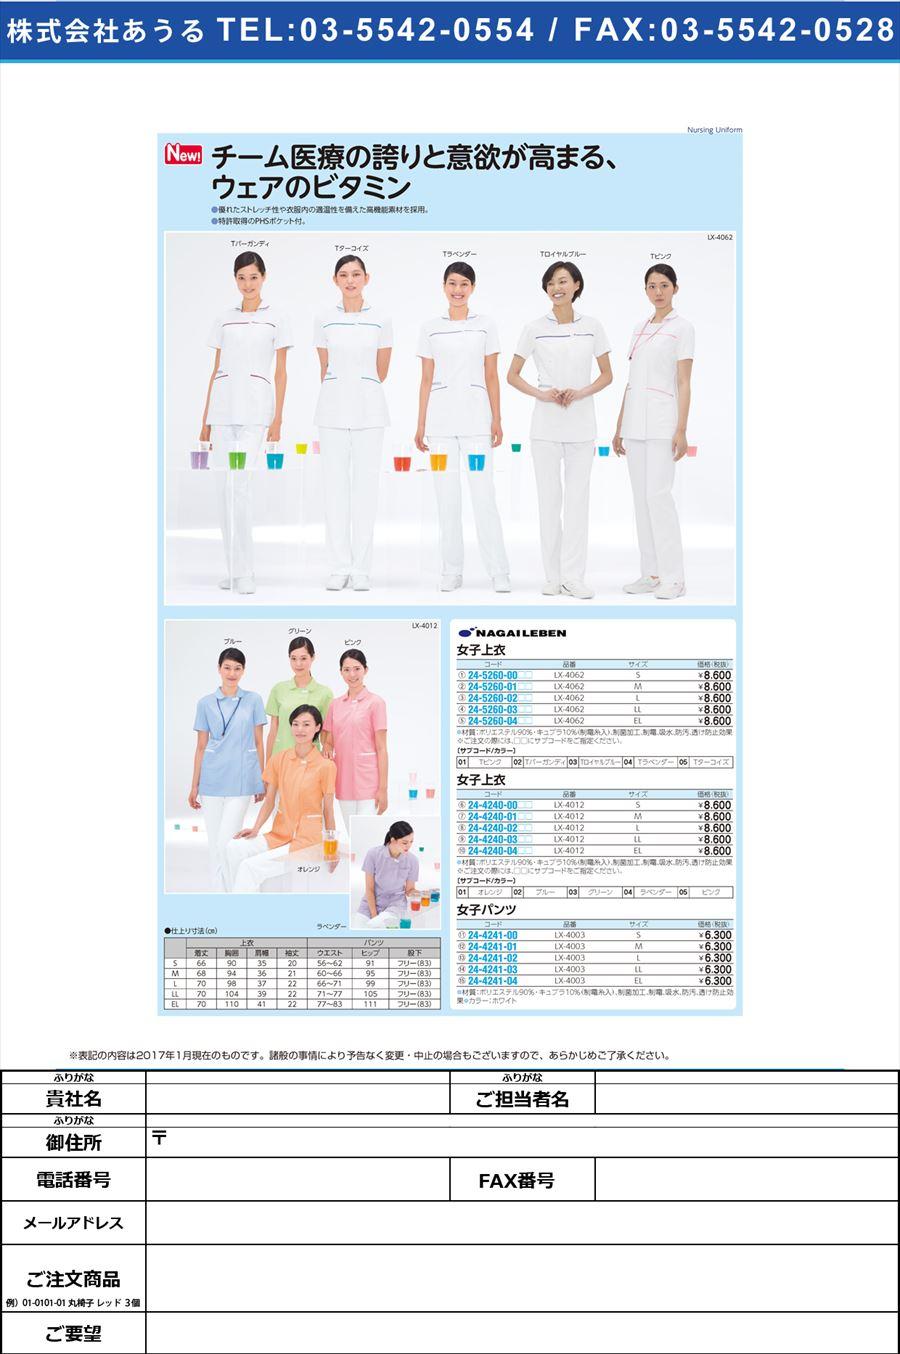 女子チュニック ジョシチュニック LX-4062(L)(24-5260-02)【1枚単位】【2017年カタログ商品】